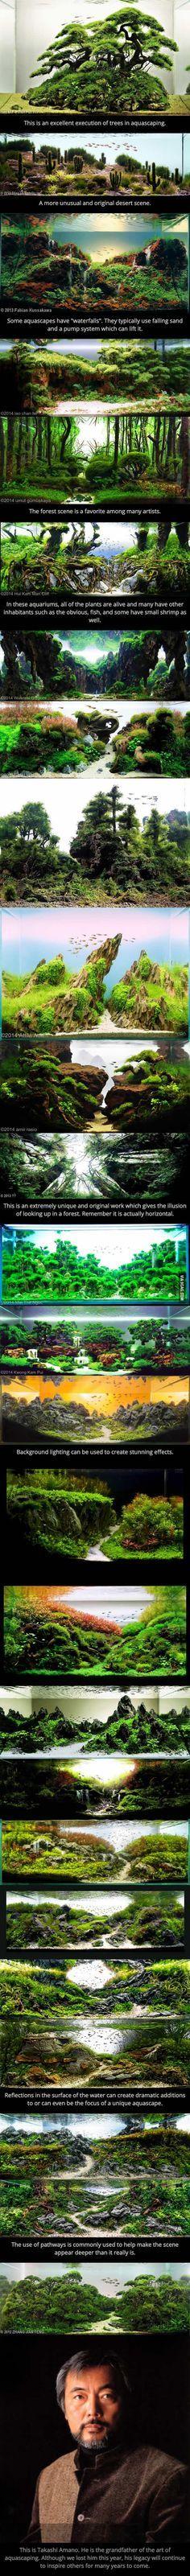 Esto es simplemente increíble. . . Estos son los acuarios. Este es el arte de un paisajismo acuático.